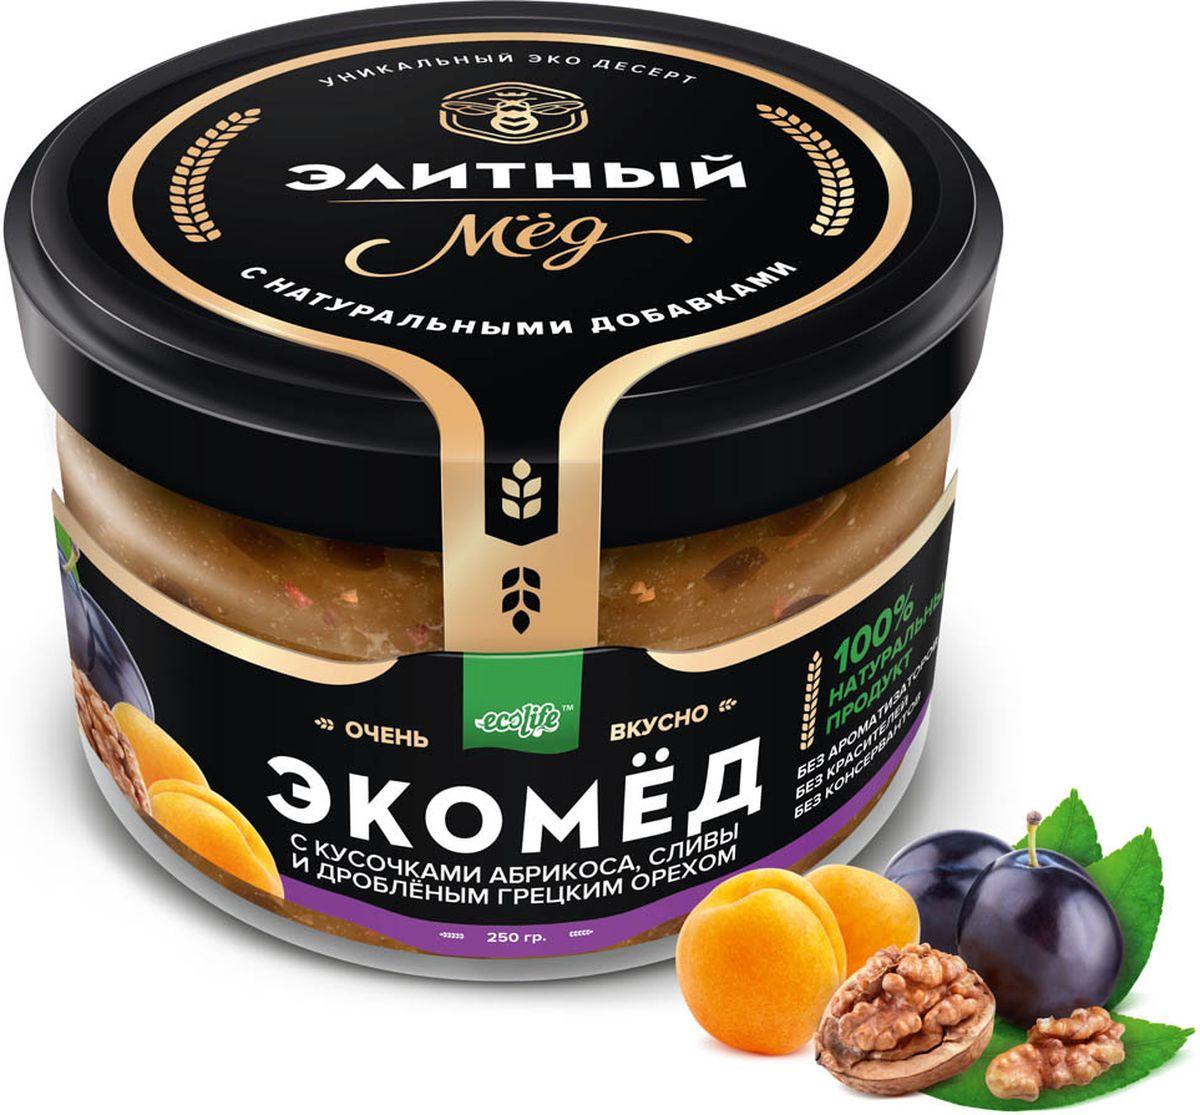 Ecolife Экомед с абрикосом, сливой и грецким орехом, 250 г ecolife экомед с клубникой 250 г